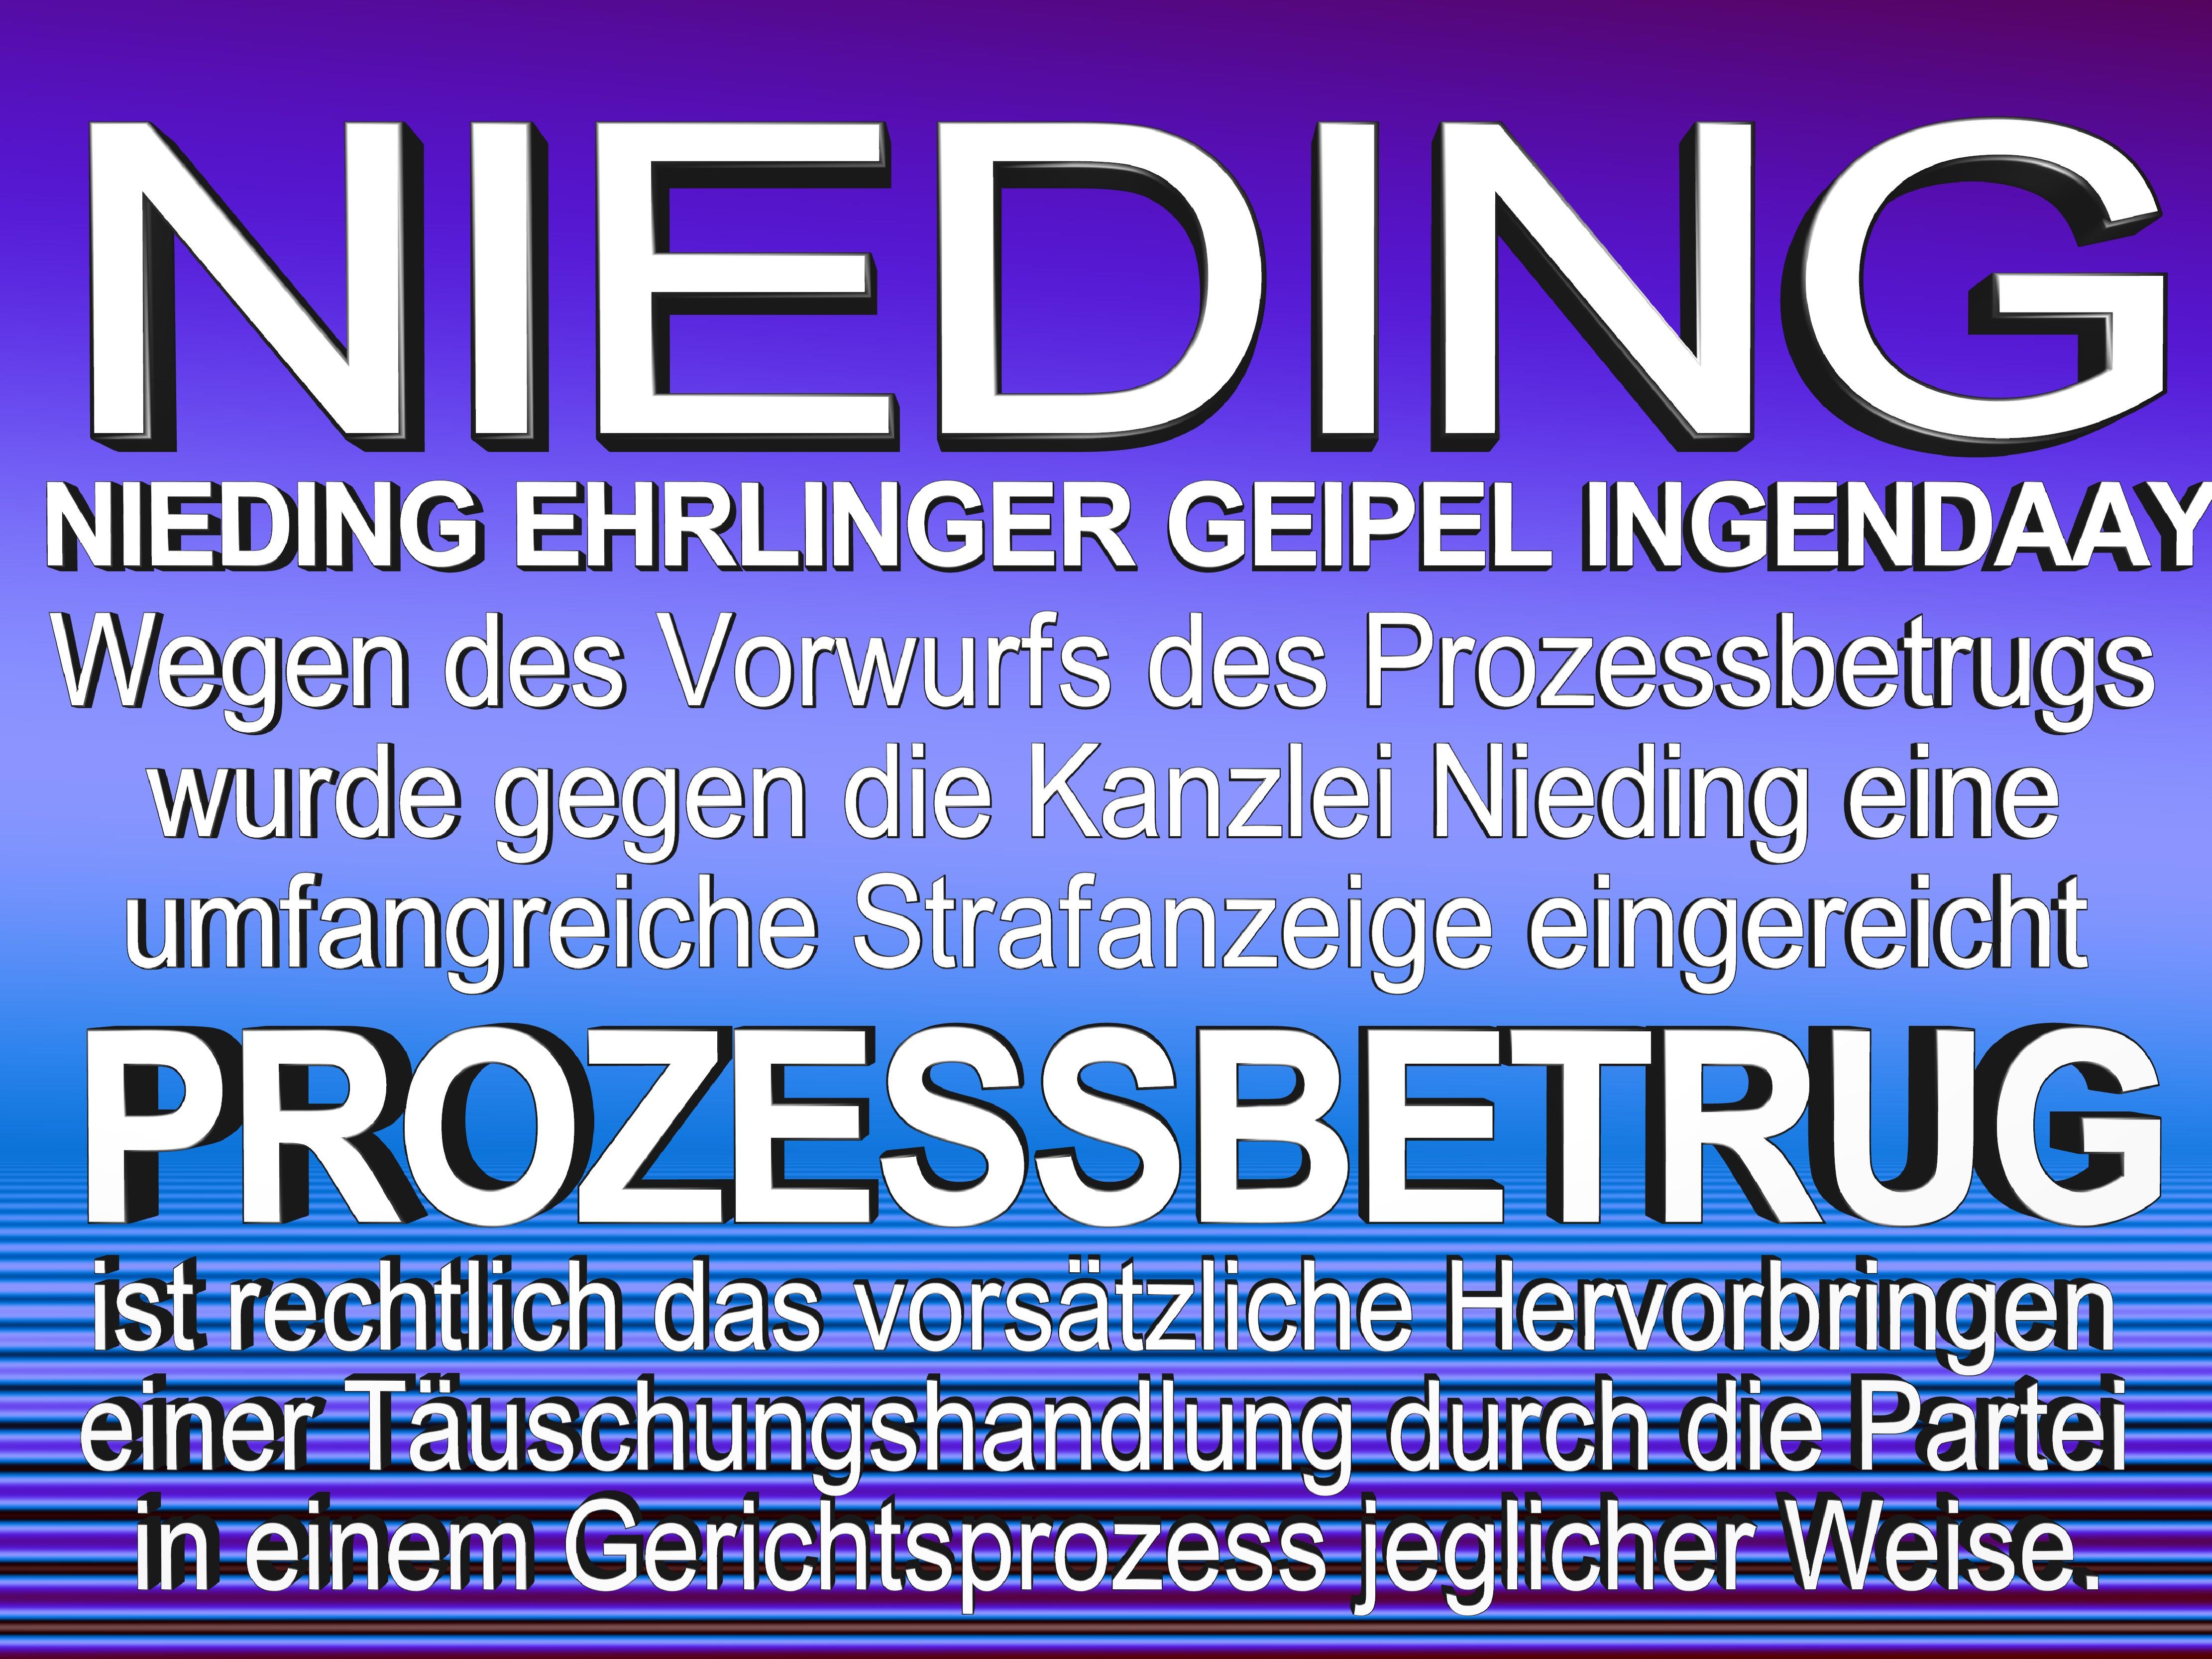 NIEDING EHRLINGER GEIPEL INGENDAAY LELKE Kurfürstendamm 66 Berlin (140)